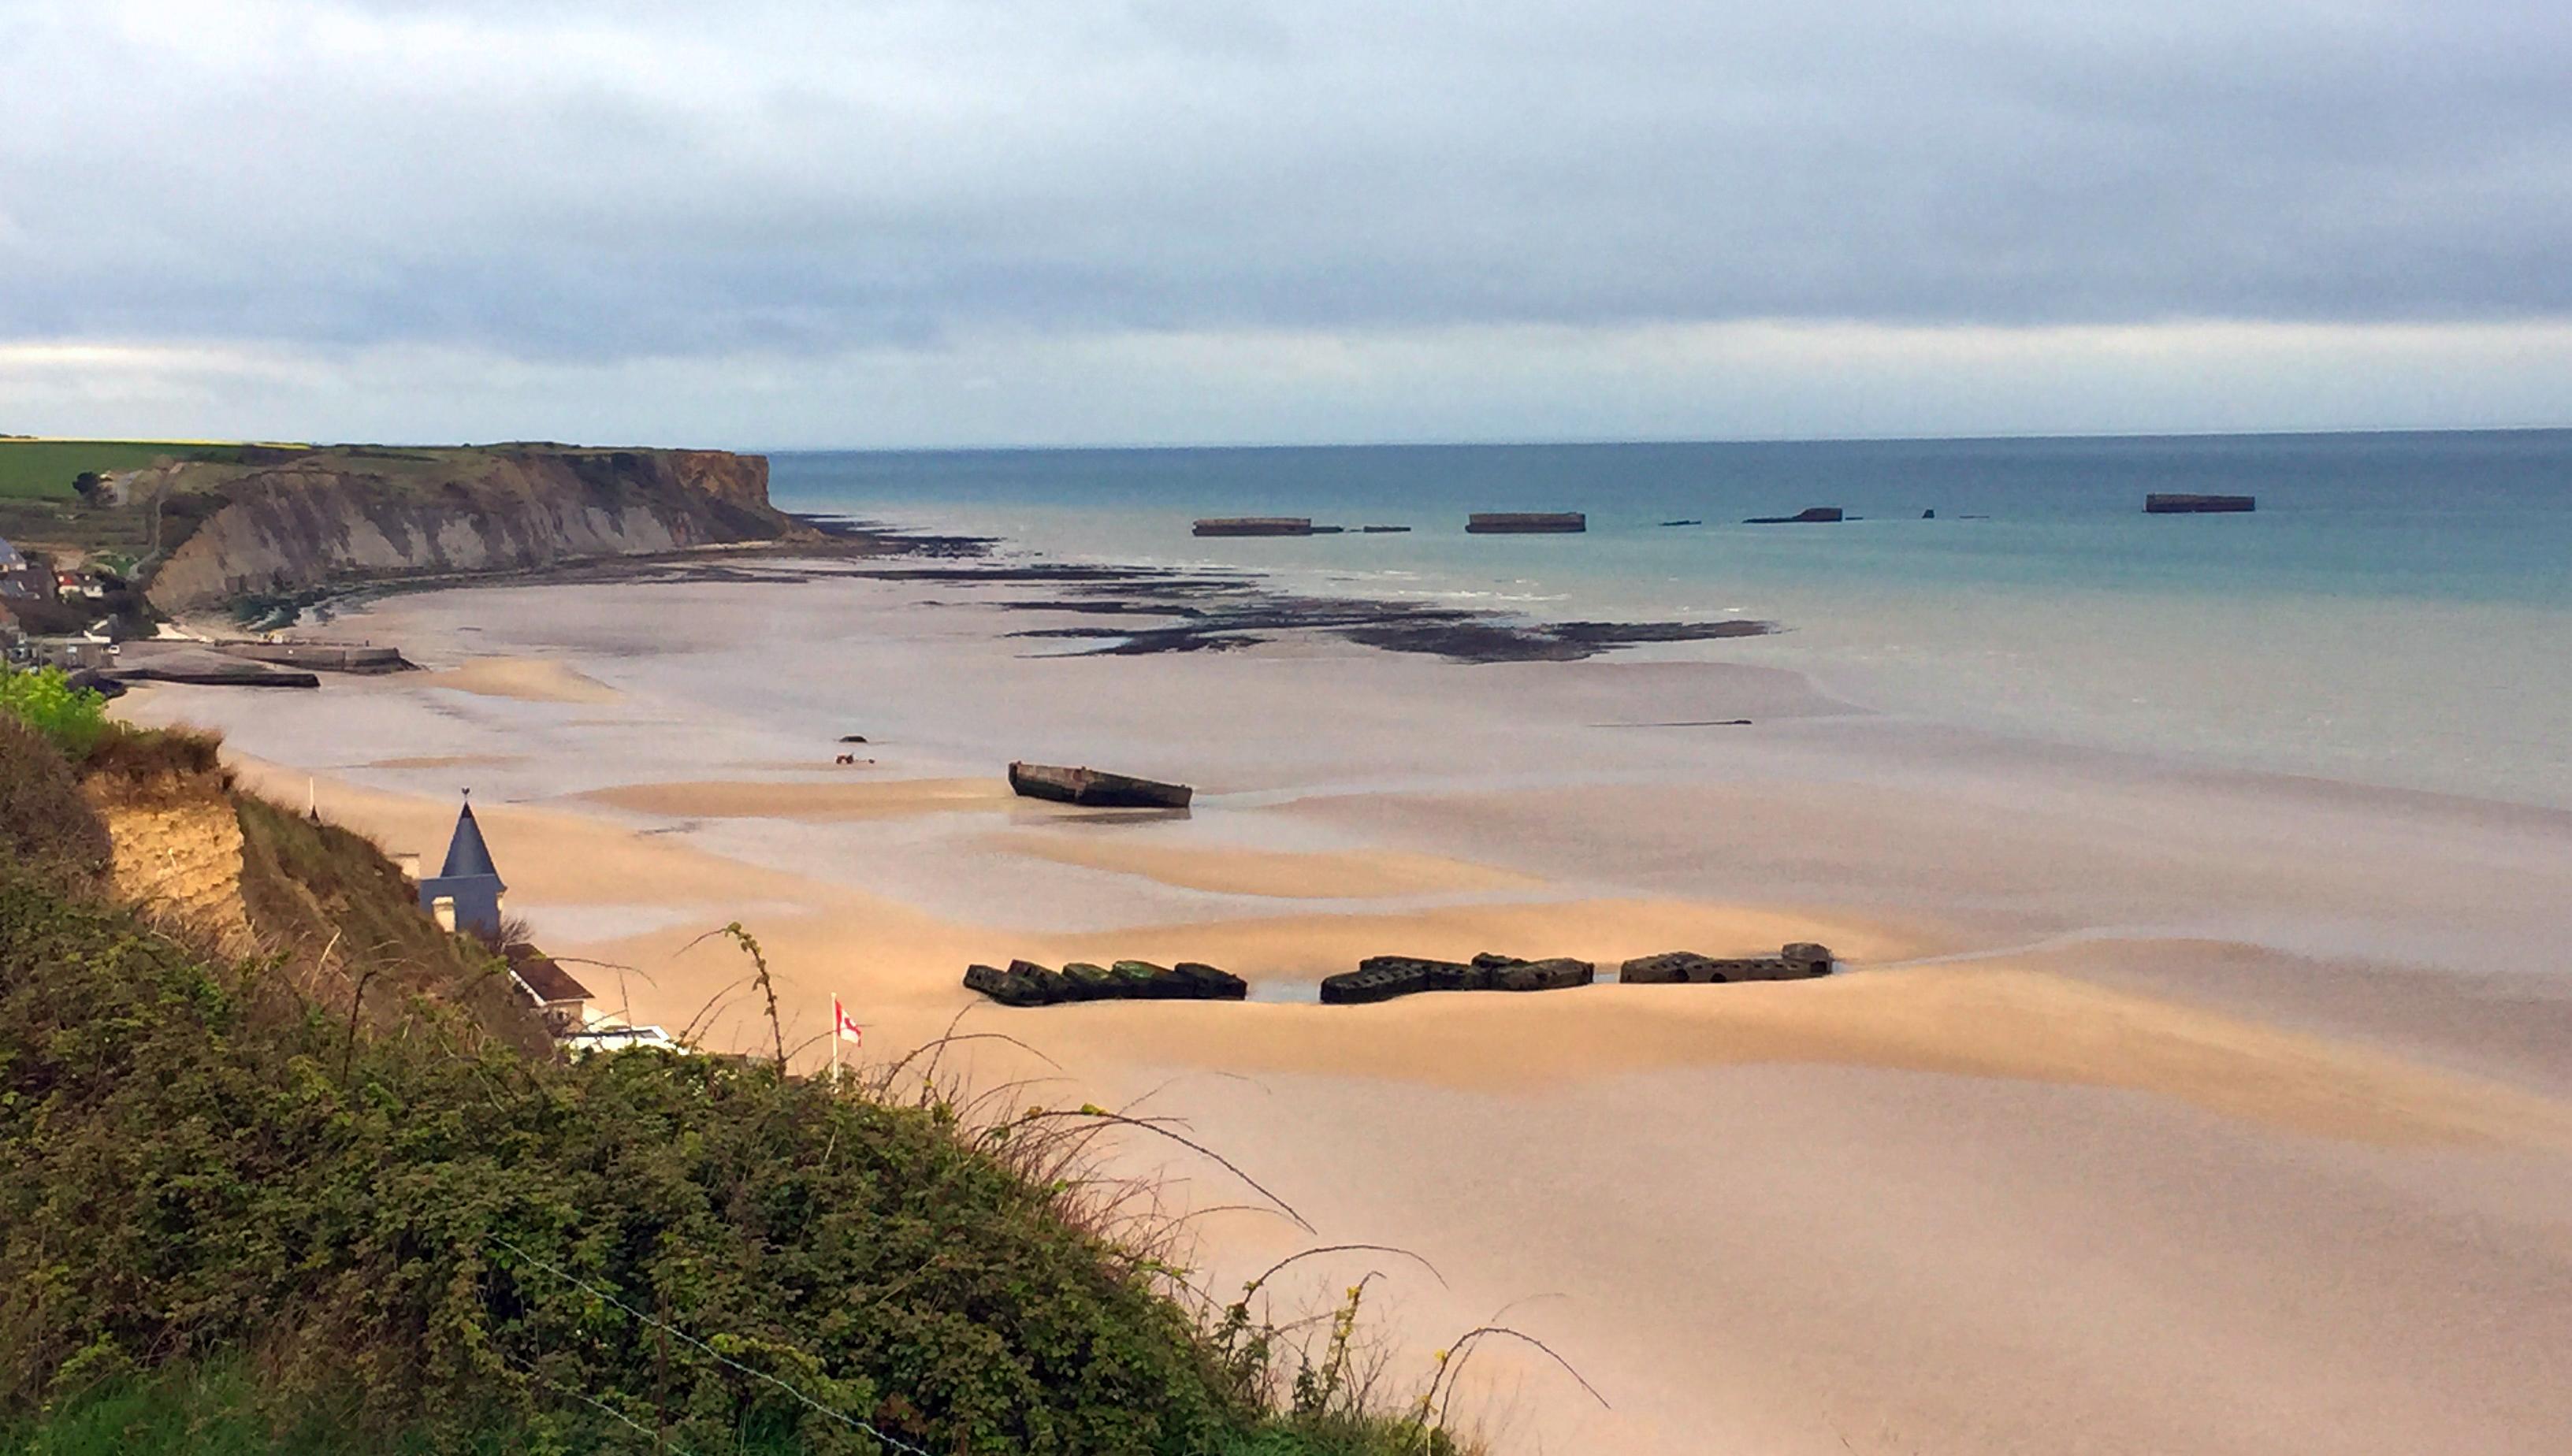 Playas del Desembarco de Normandía, Francia desembarco de normandía - 39169777444 2922945f4b o - Viaje a las Playas del Desembarco de Normandía